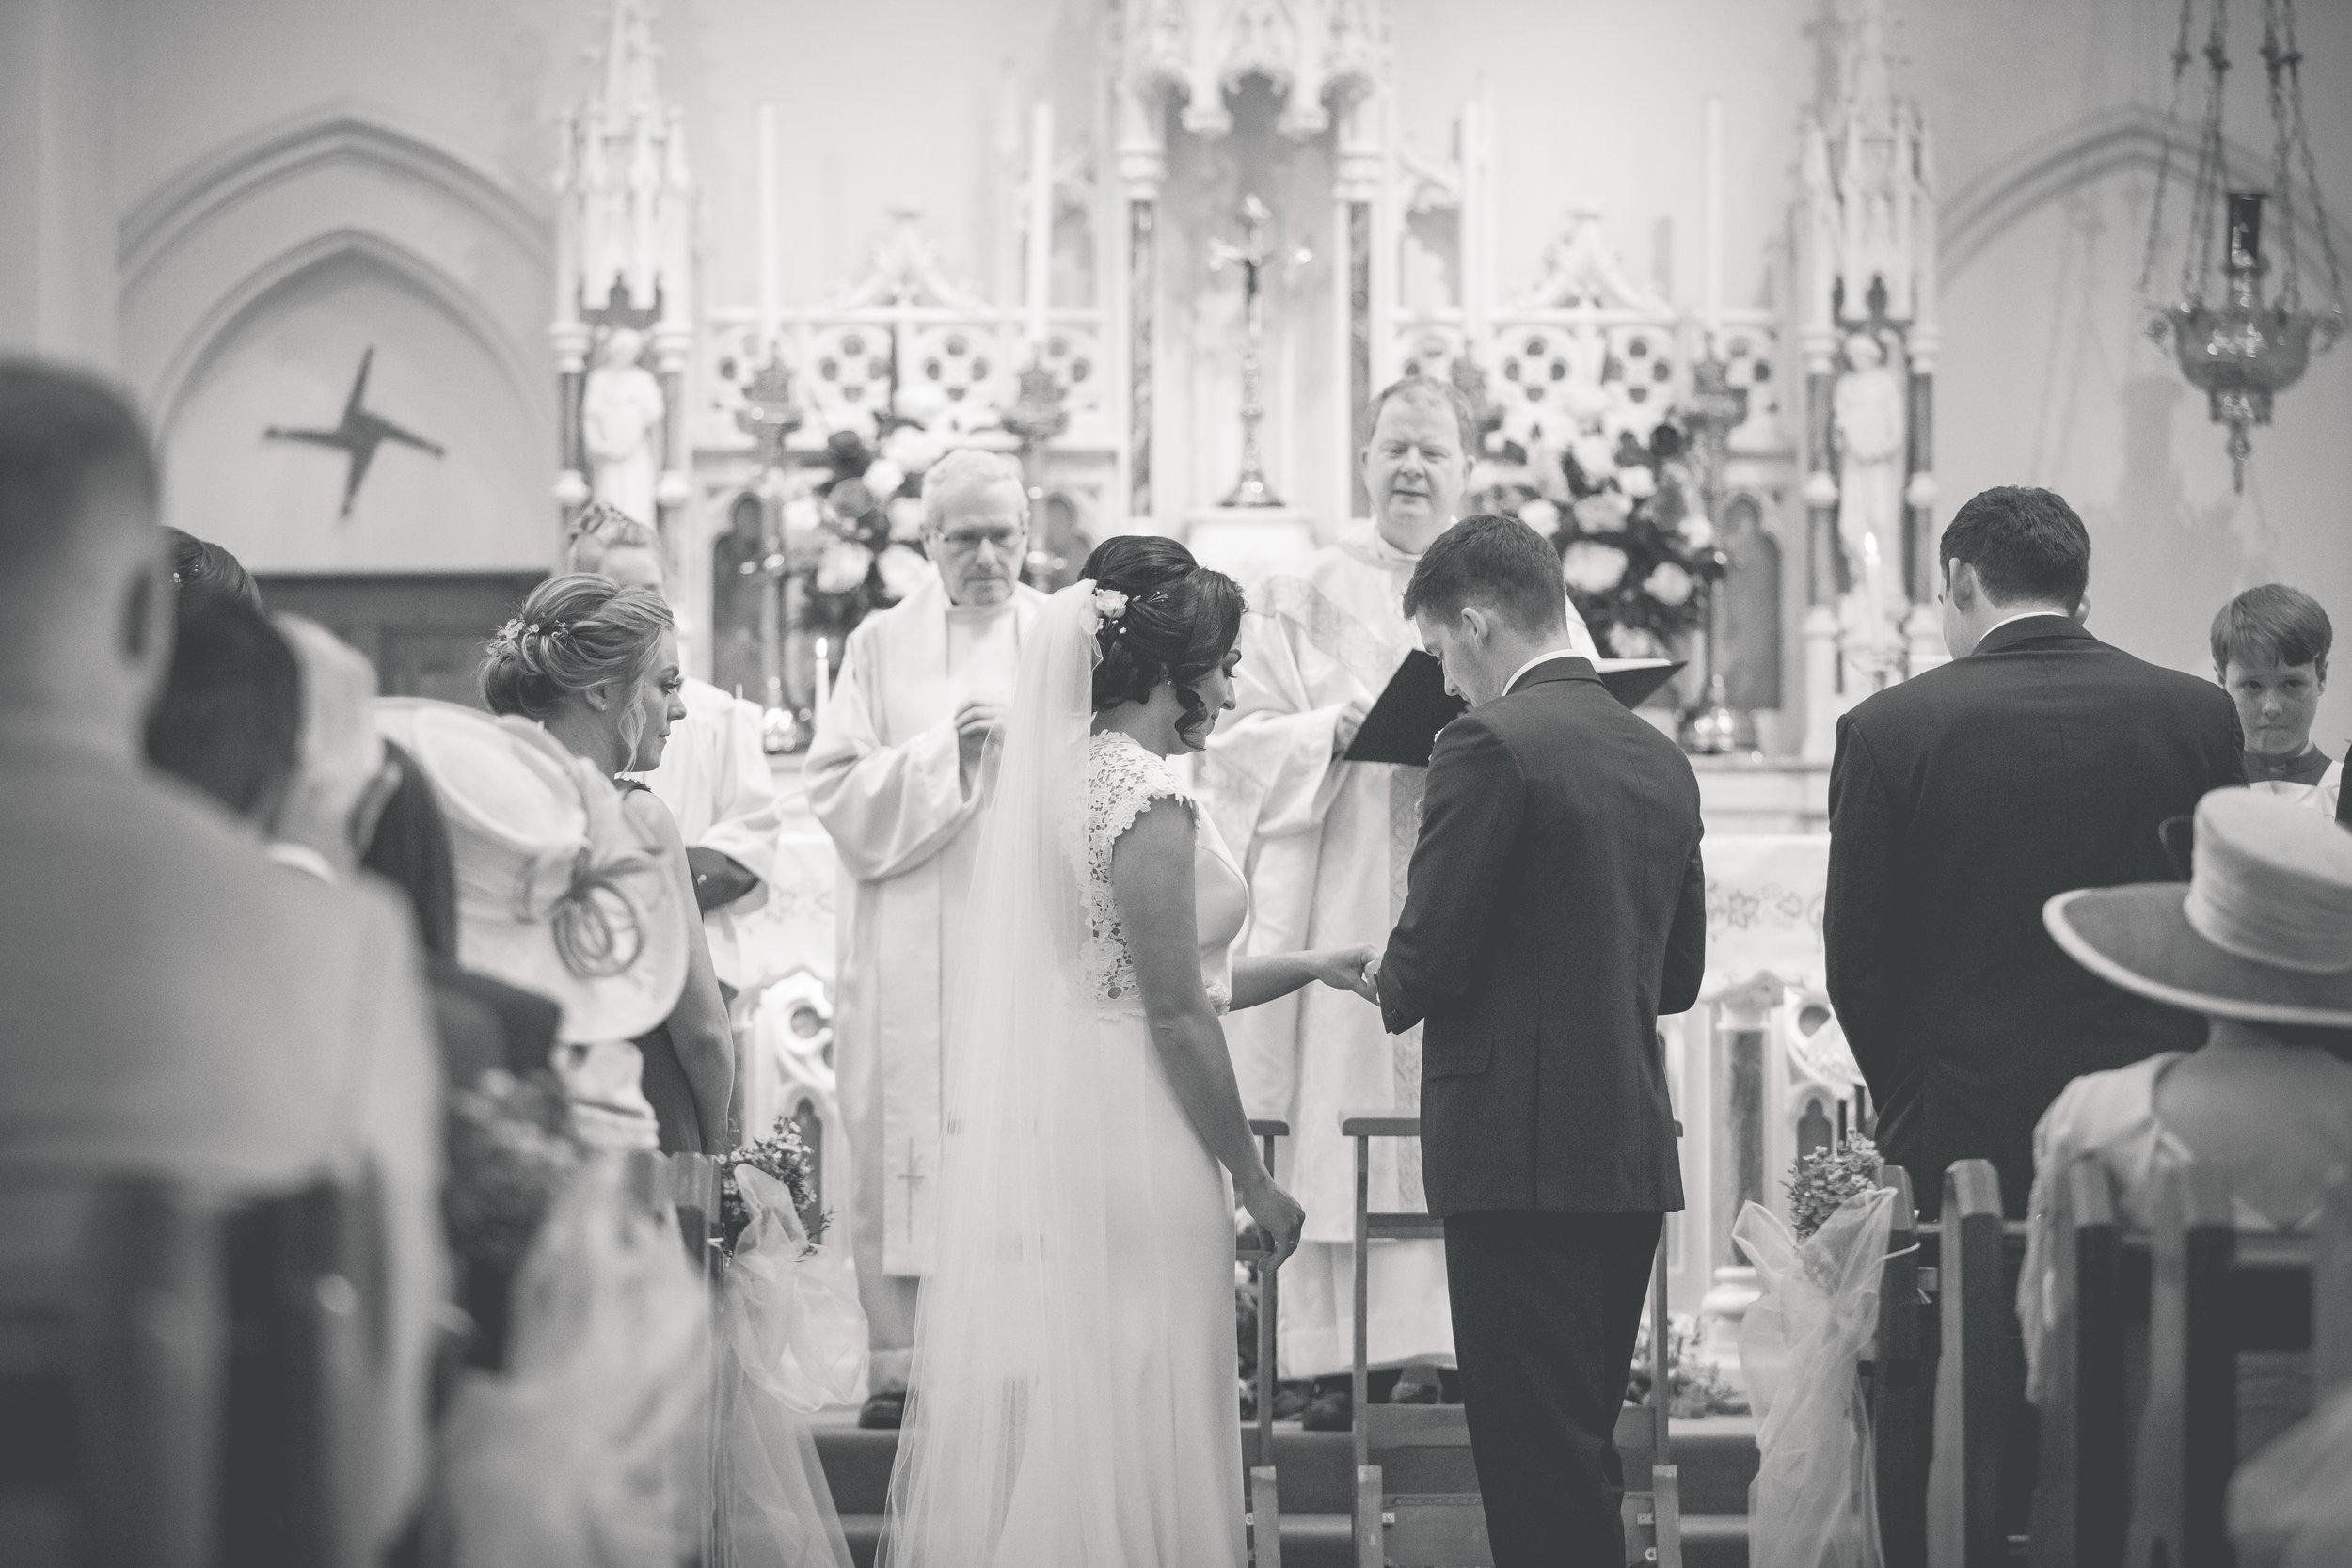 Brian McEwan Wedding Photography   Carol-Anne & Sean   The Ceremony-46.jpg